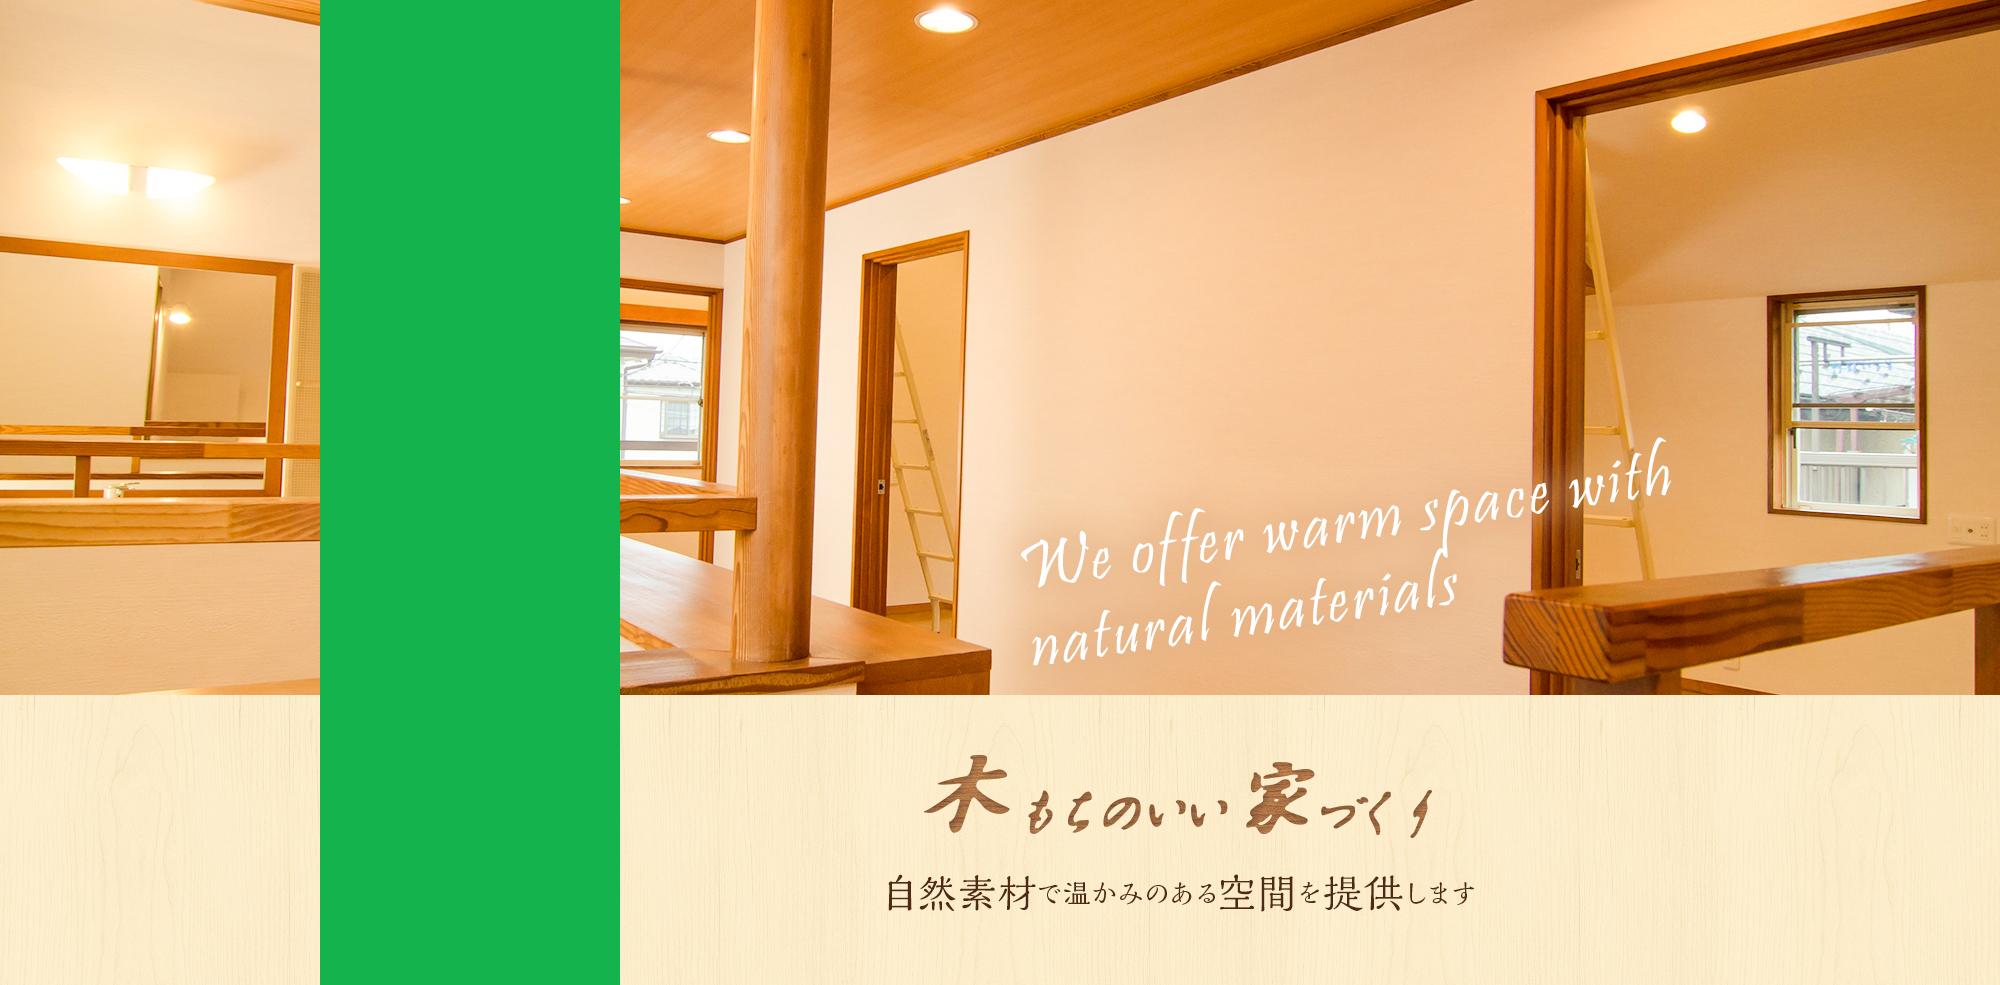 自然素材で温かみのある空間を提供します